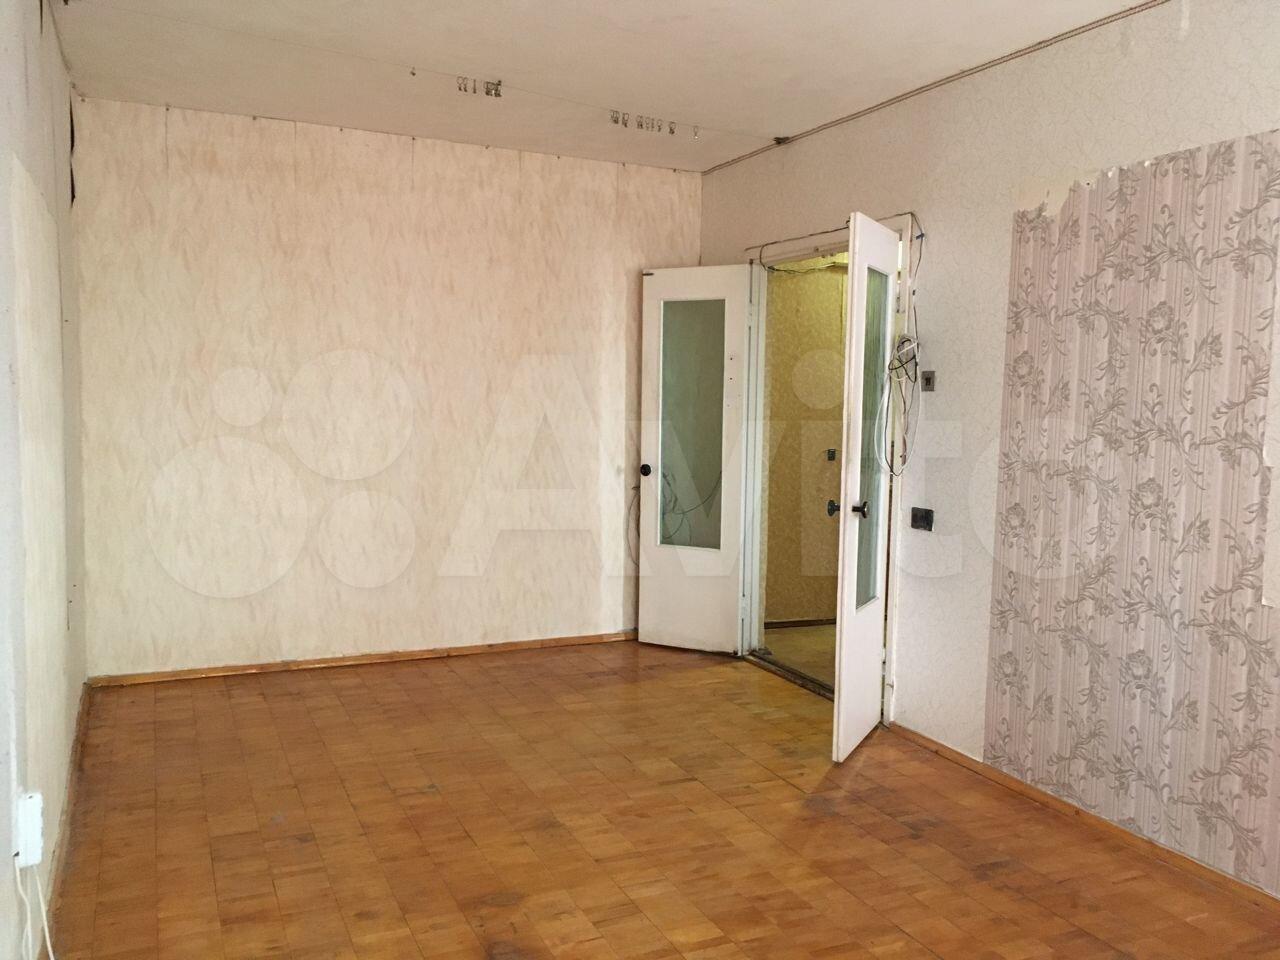 1-к квартира, 38.2 м², 10/10 эт.  89062091224 купить 4